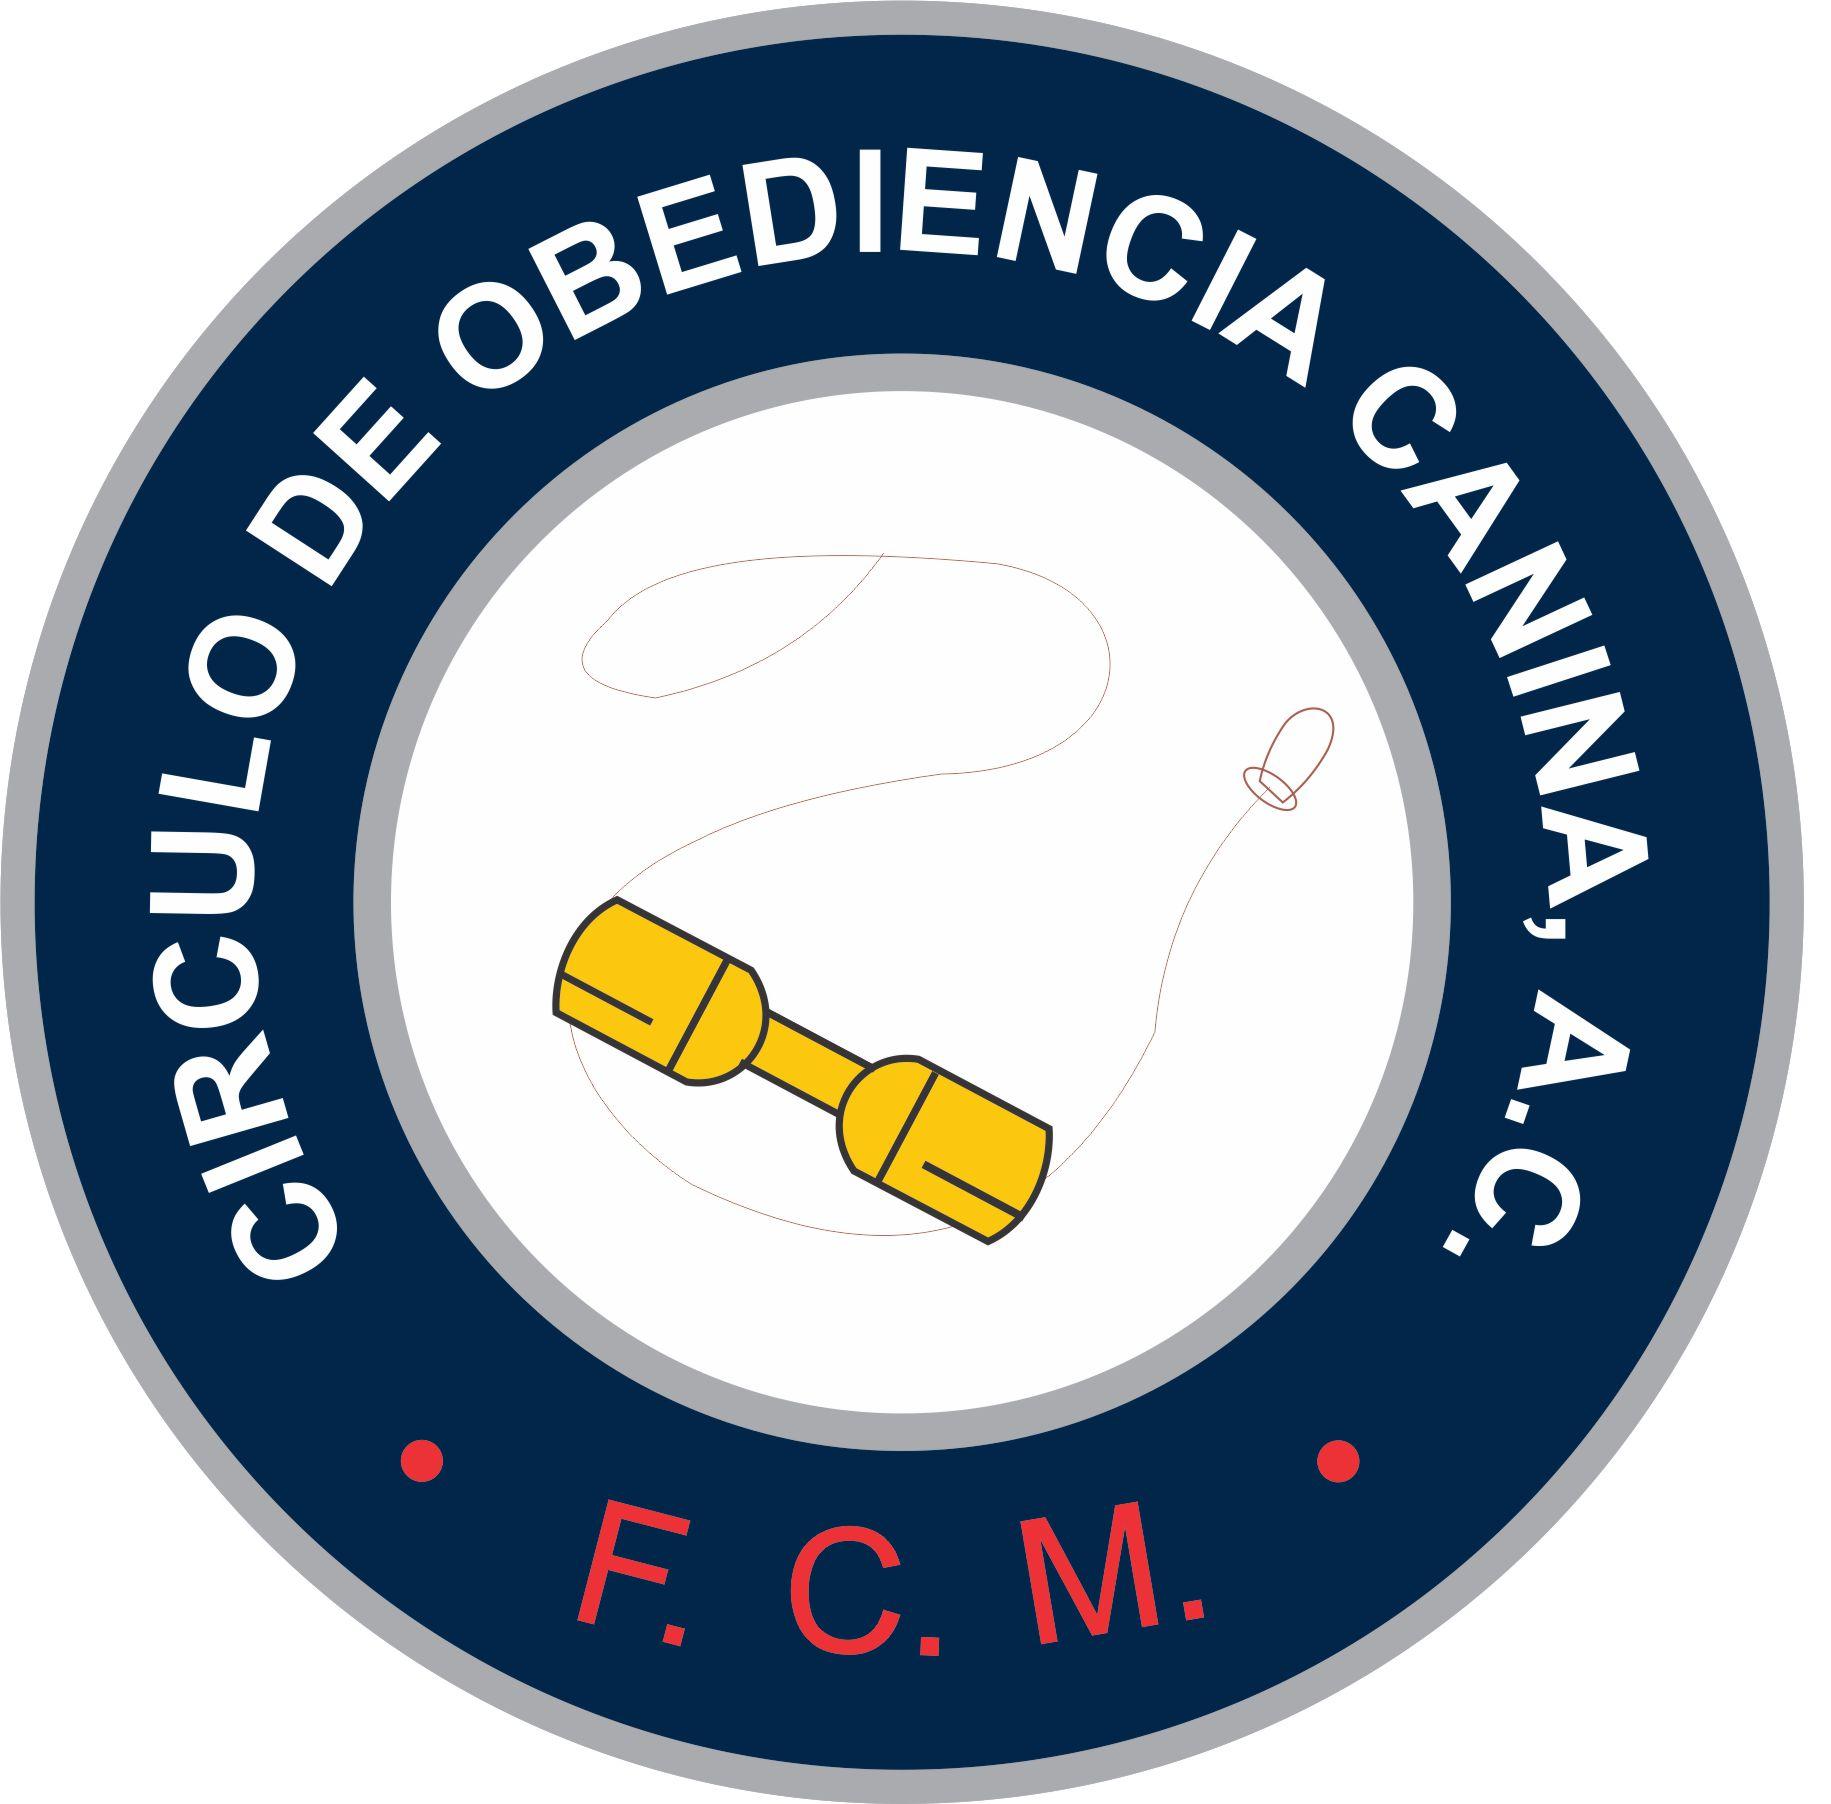 Circulo de Obediencia Canina, AC.